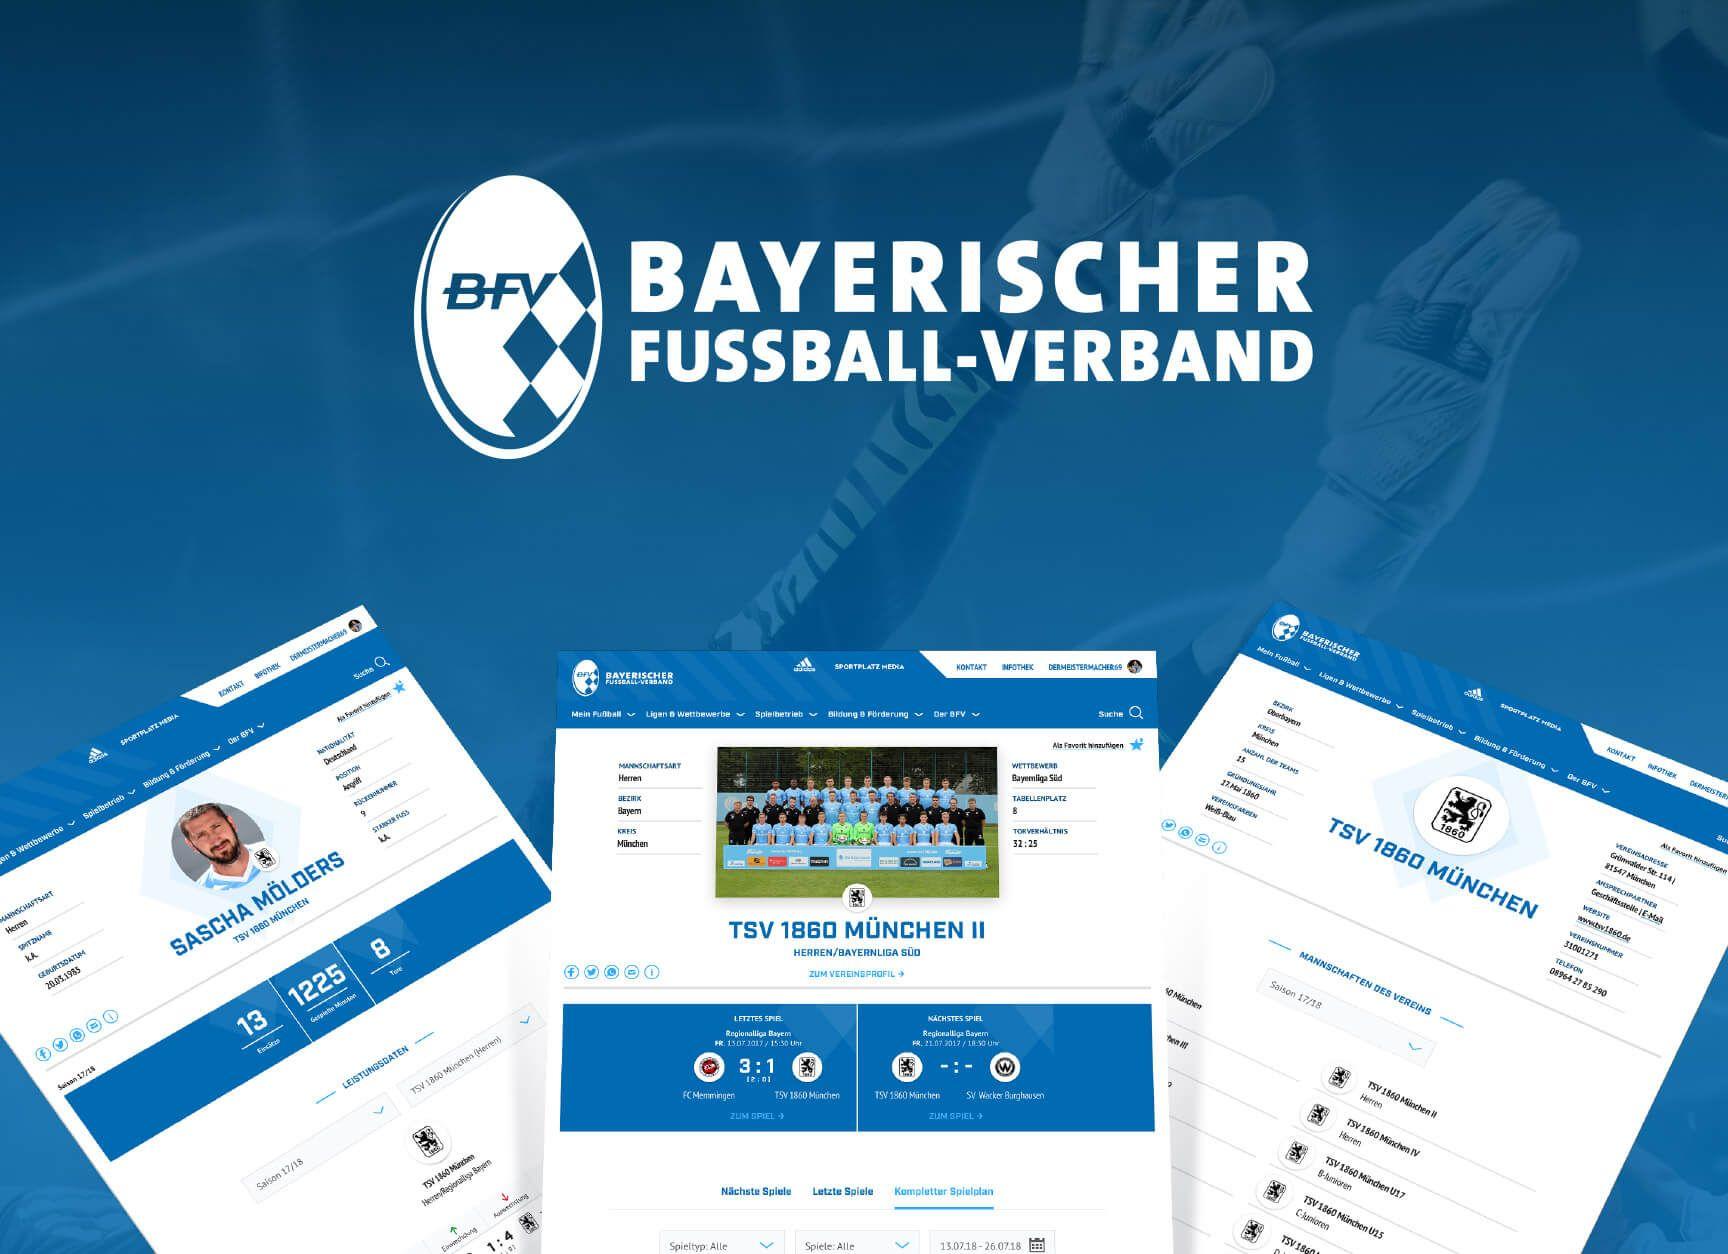 Anstoß zum neuen Digitalauftritt des Bayerischen Fußball-Verbands